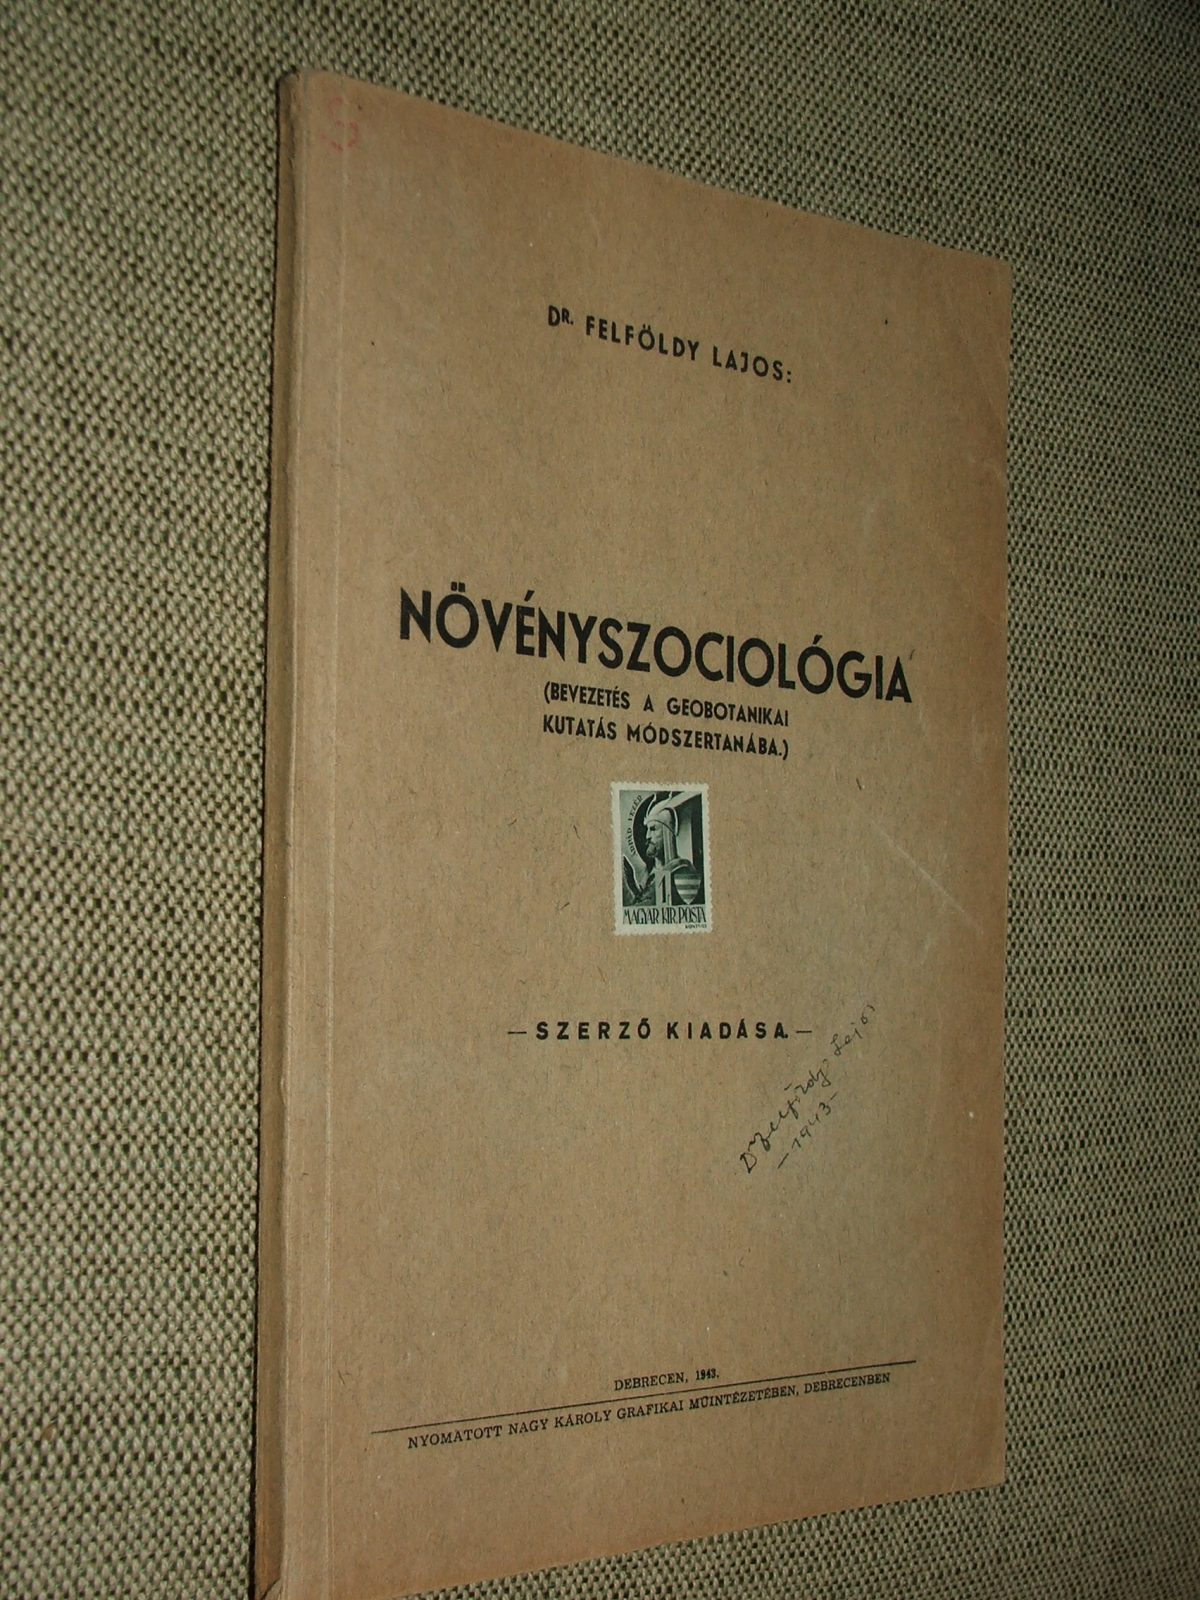 FELFÖLDY Lajos: Növényszociológia